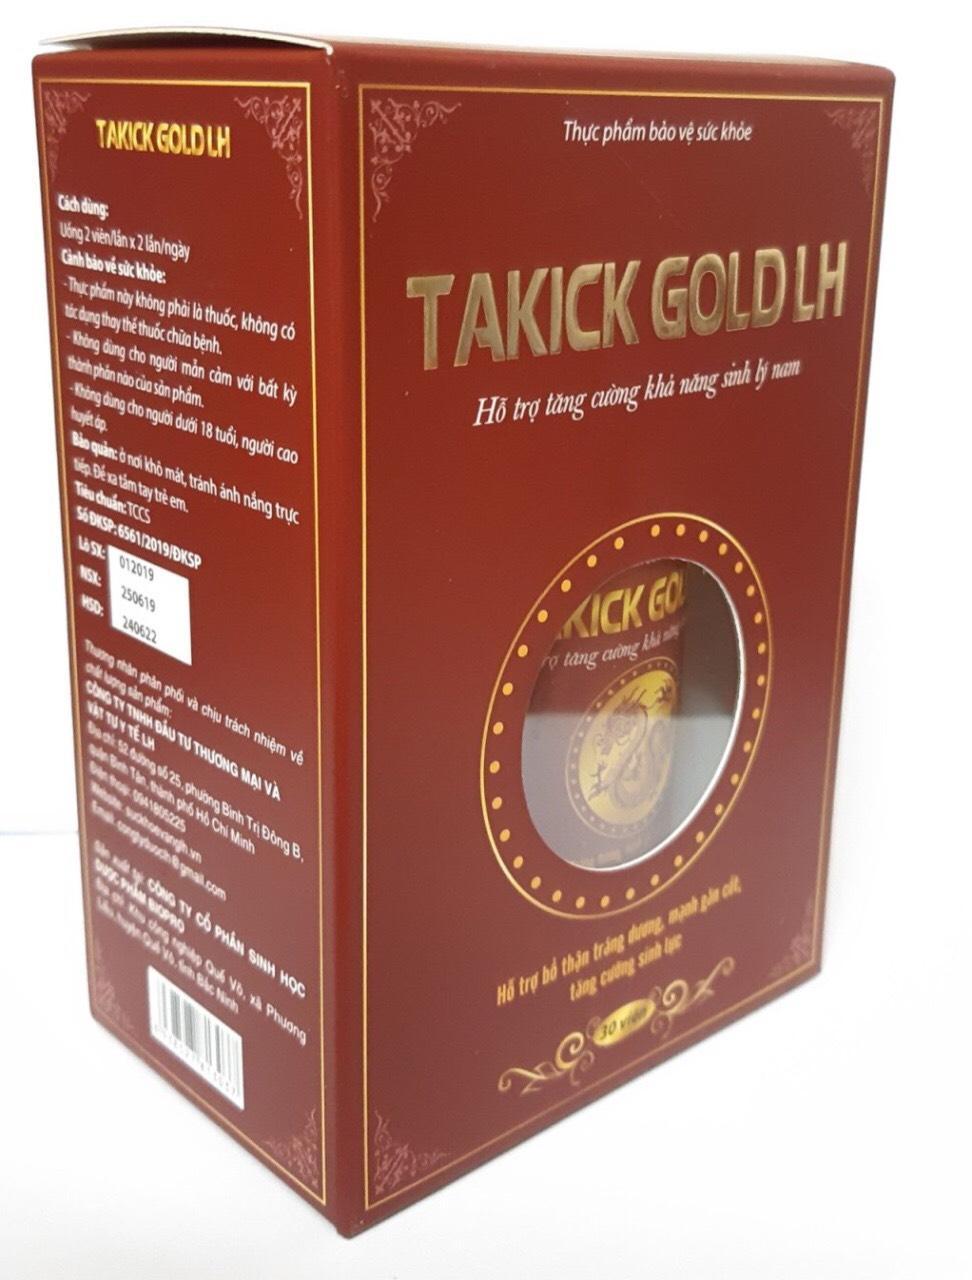 TAKICK GOLD LH ( Hộp 30 viên ) Hỗ trợ chức năng sinh lý nam chính hãng